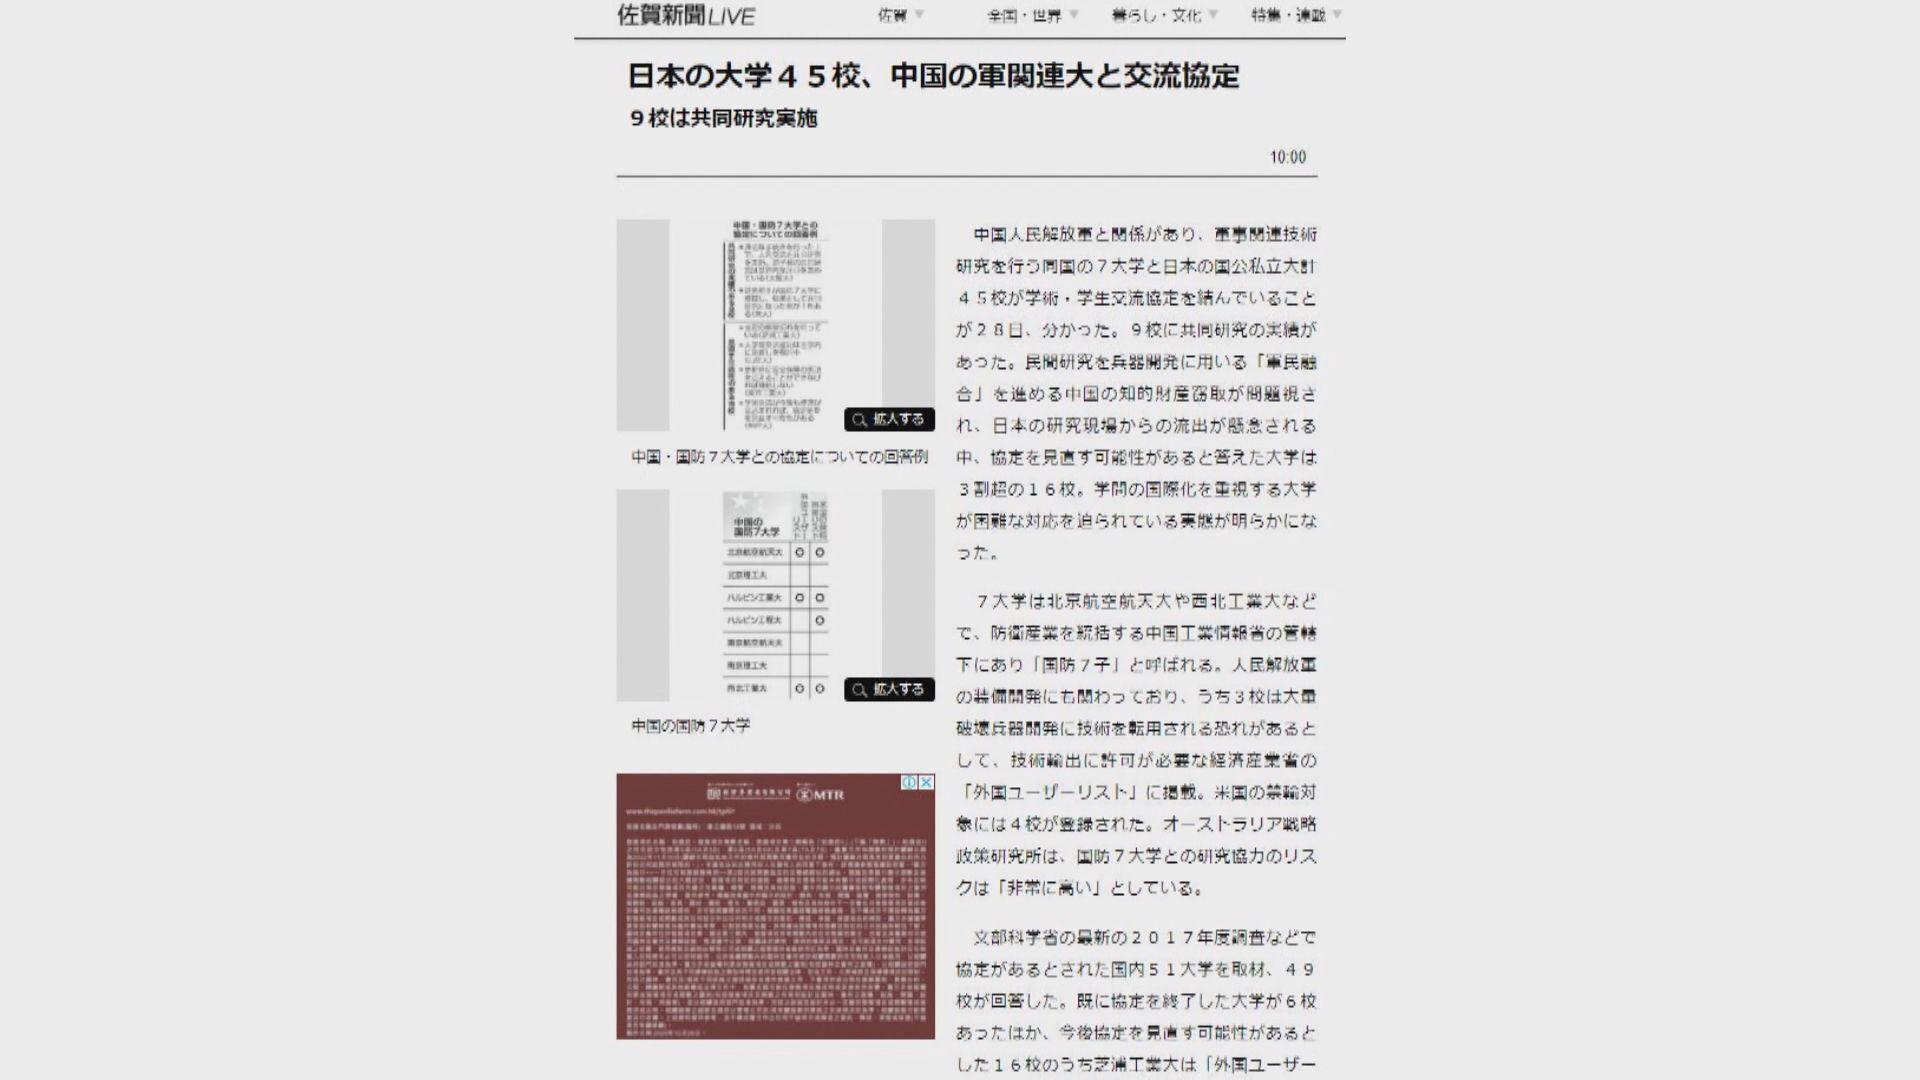 據報有日本大學與解放軍相關學府簽學術交流協定